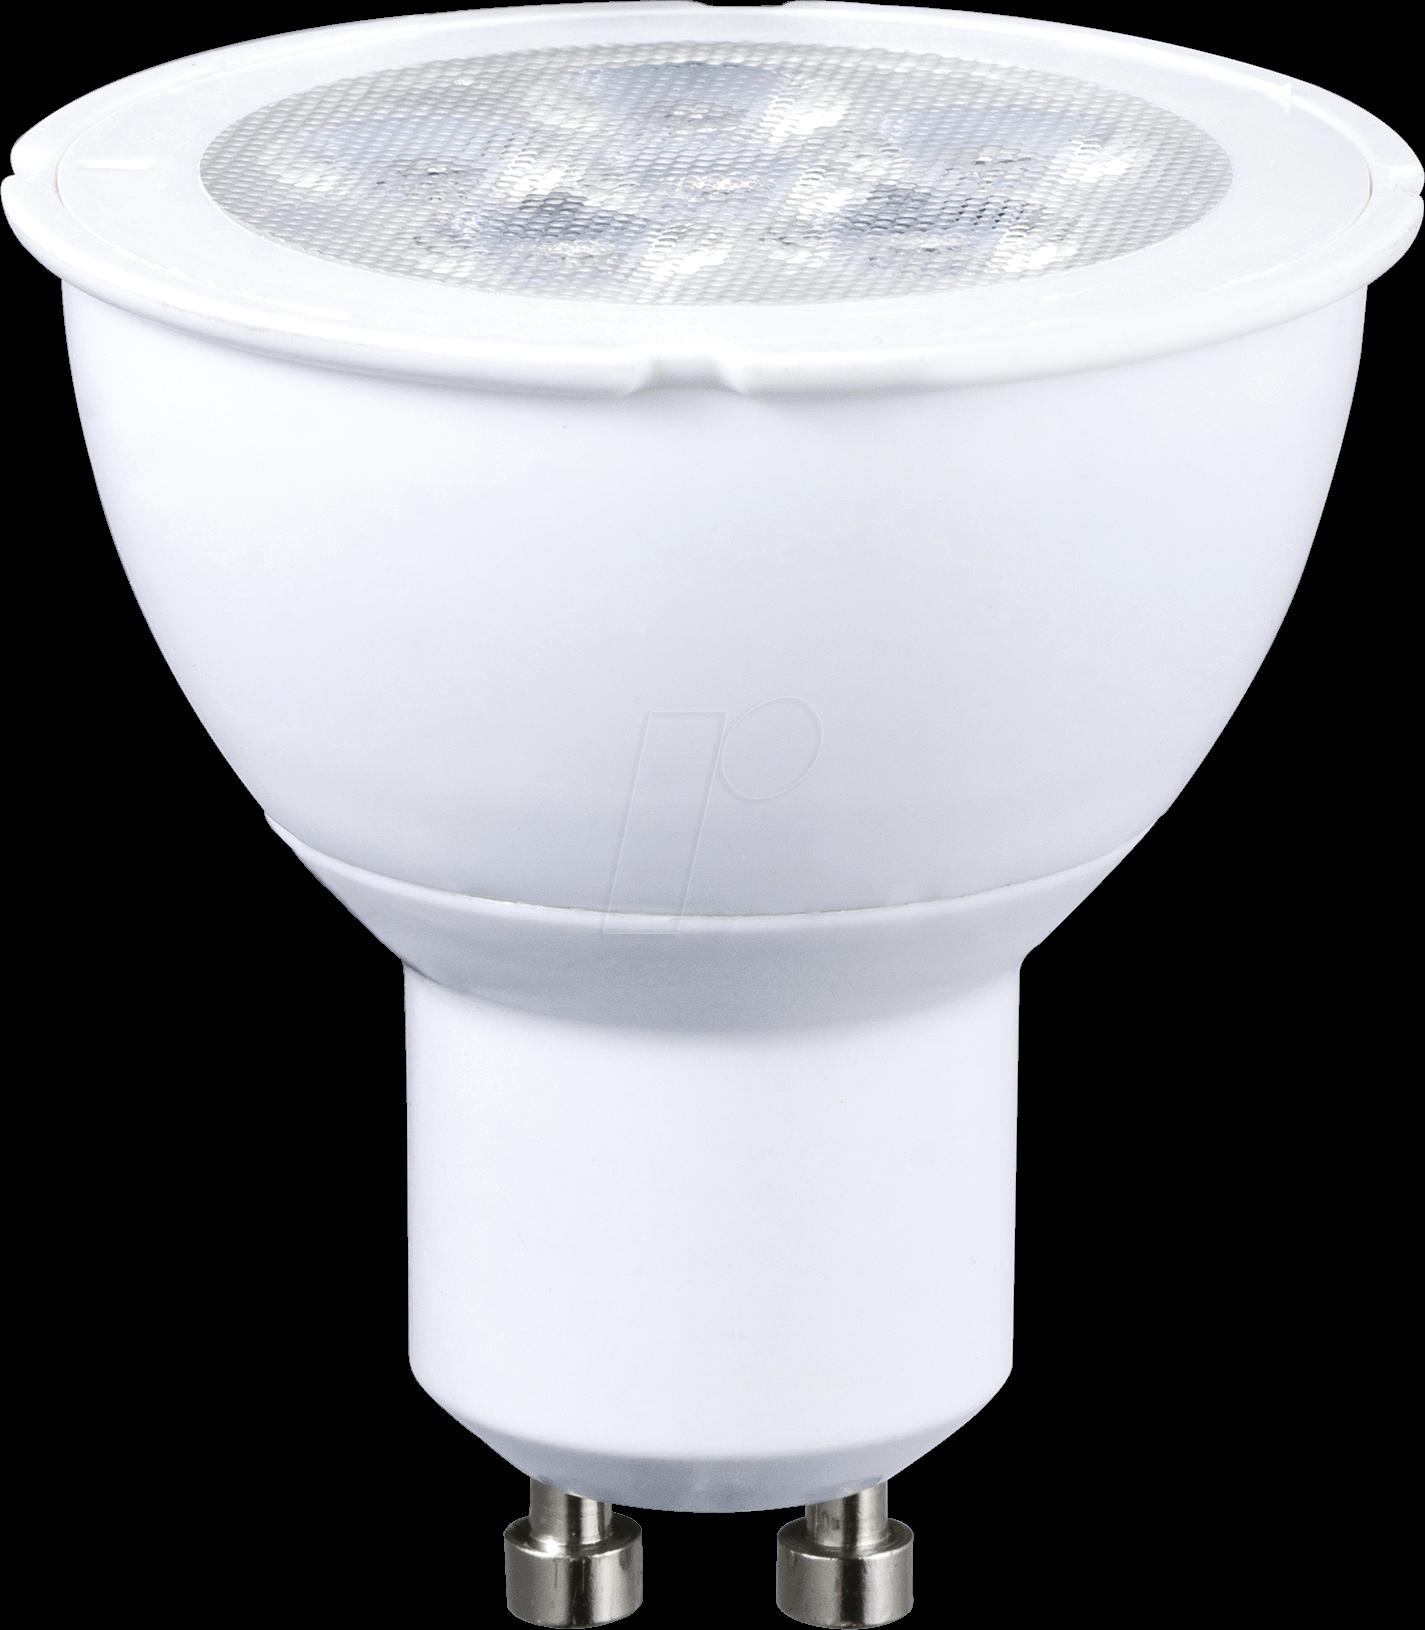 LGU10MR16001 - LED-Strahler GU10, 2,5 W, 140 lm, 2700 K